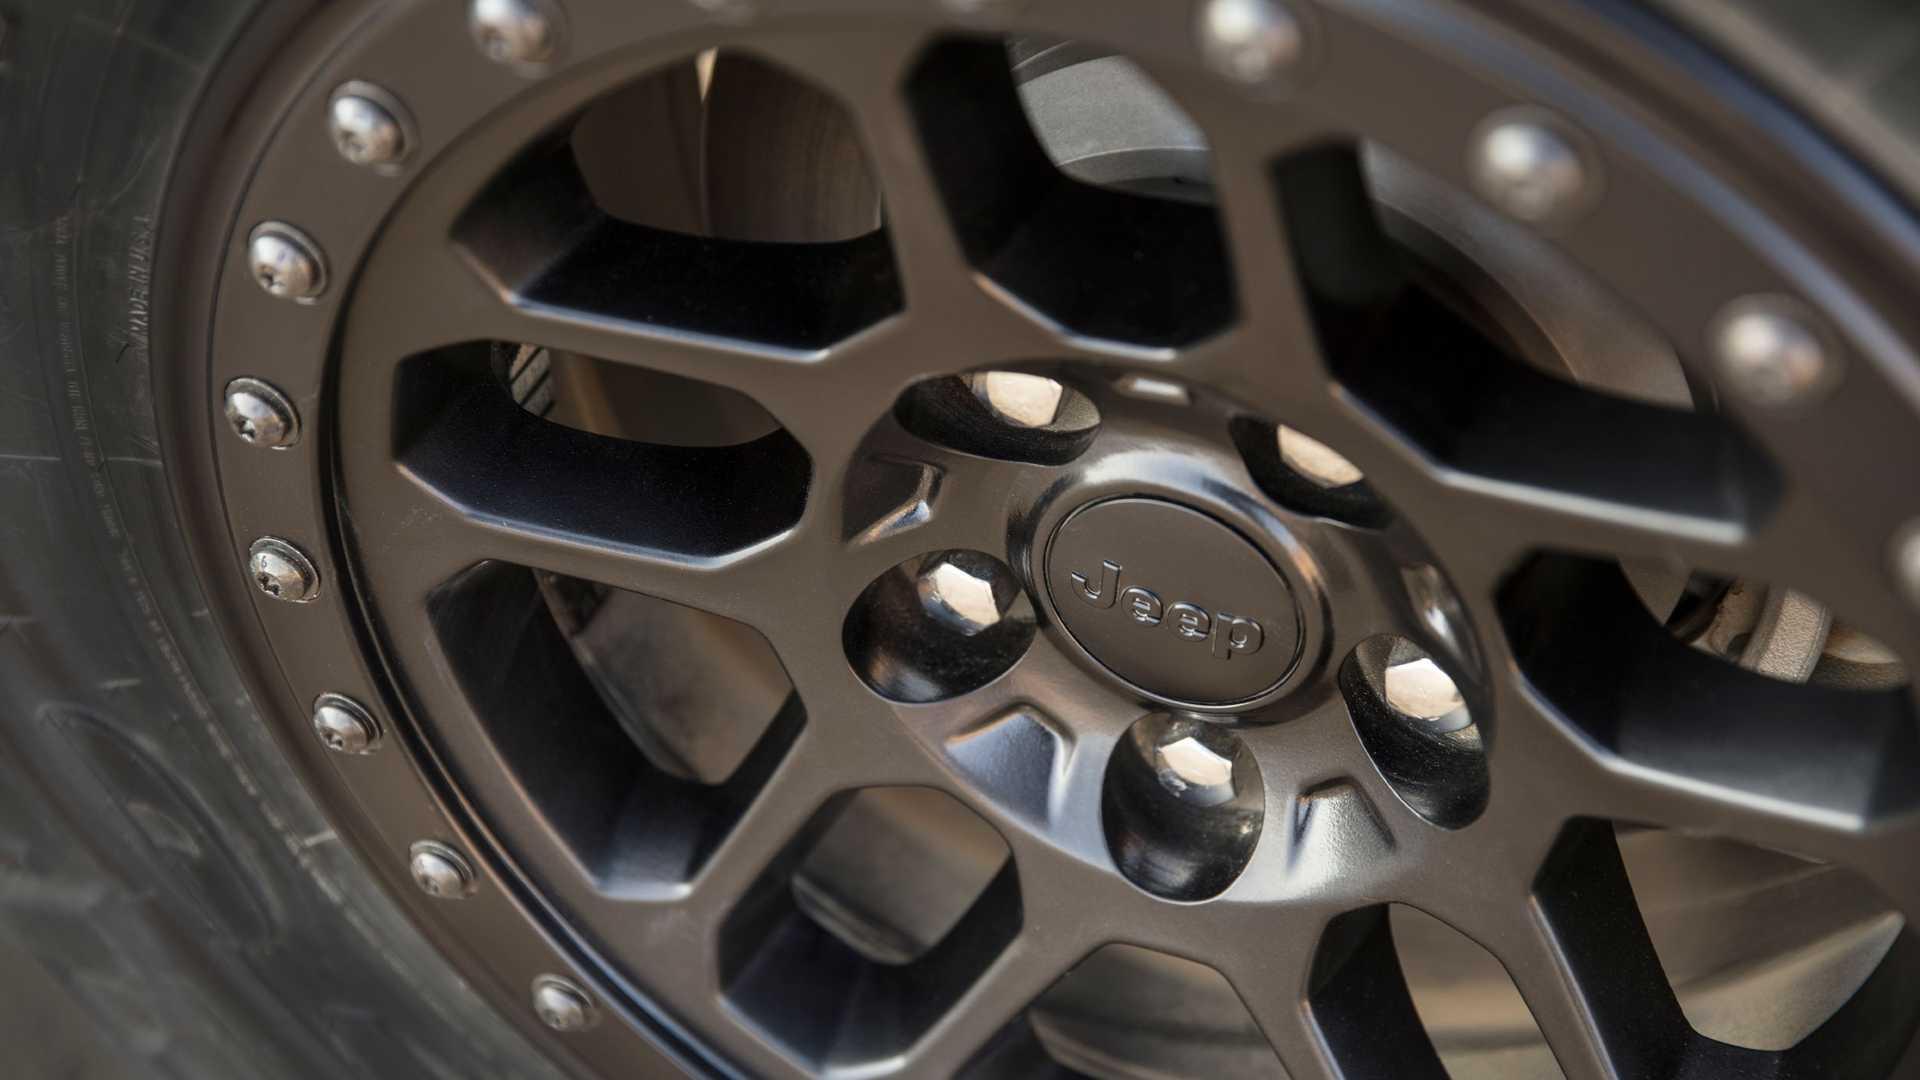 2021-jeep-wrangler-rubicon-392-wheel-3